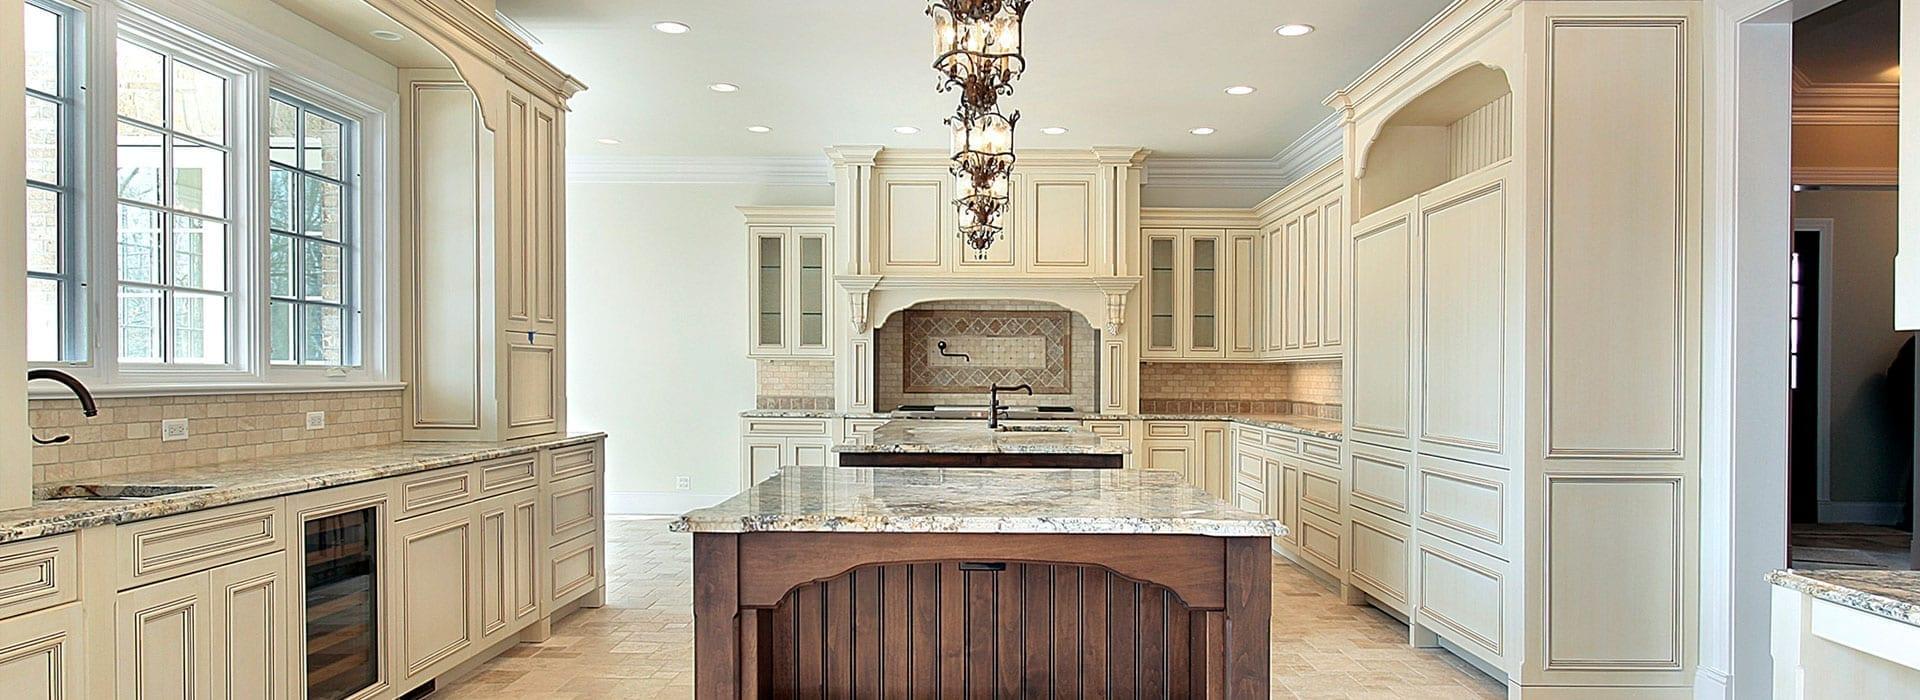 Design Tip: Lighten Up Your Kitchen